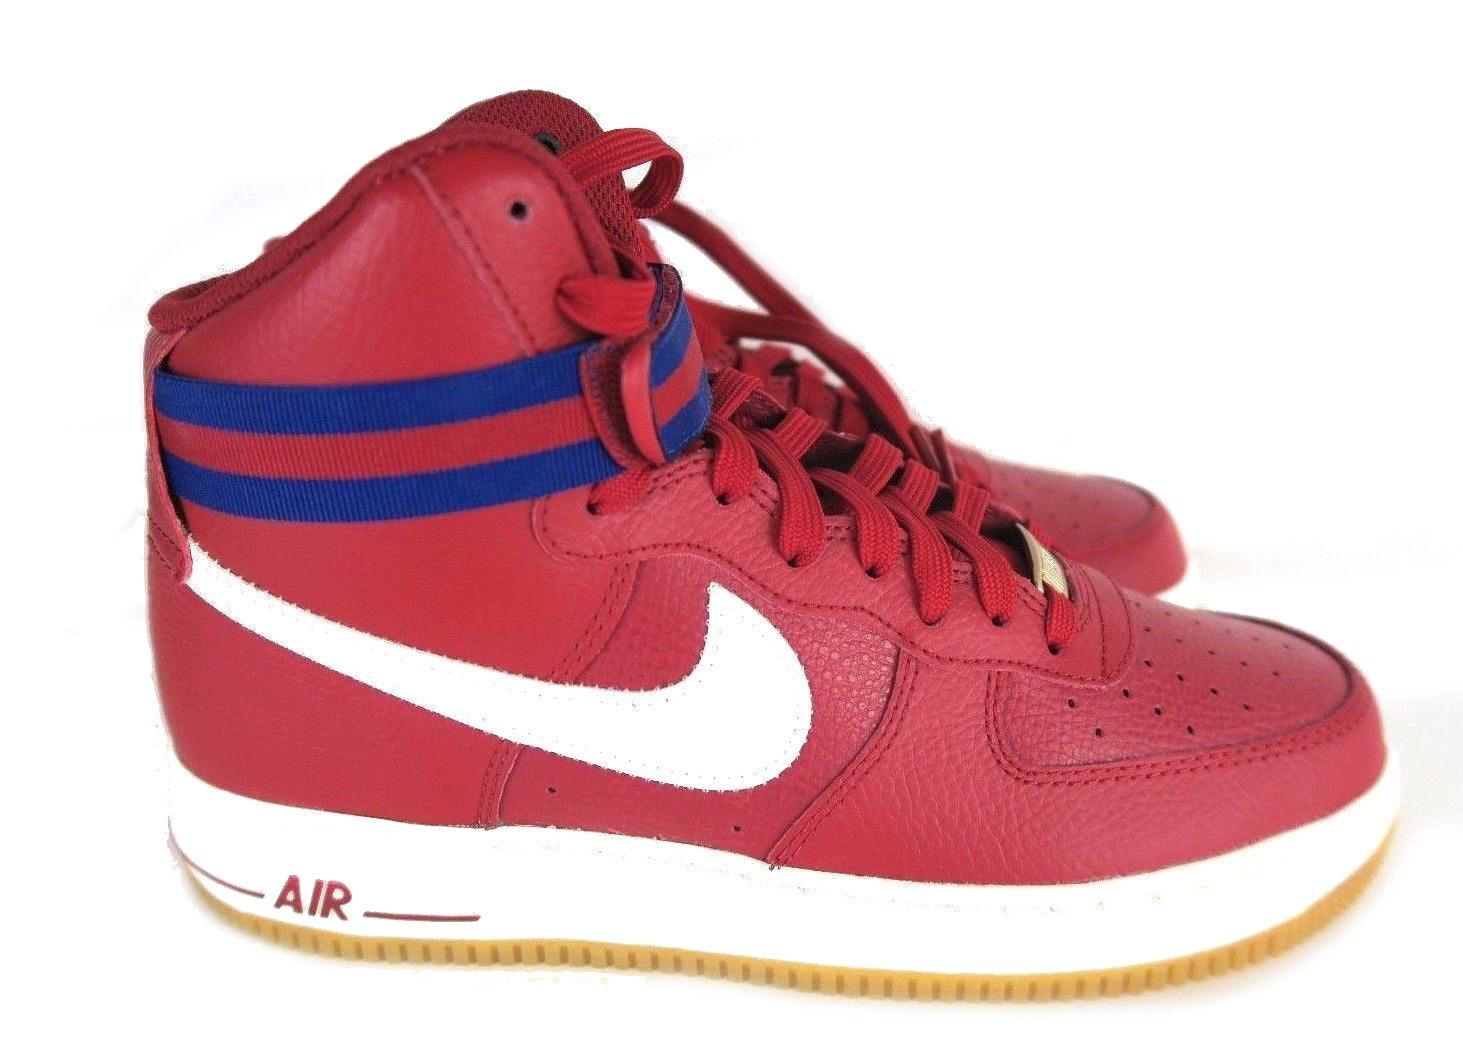 Nike air force di alto 2007 palestra red royal vela gomma Uomo 315121-605 misura di scarpe